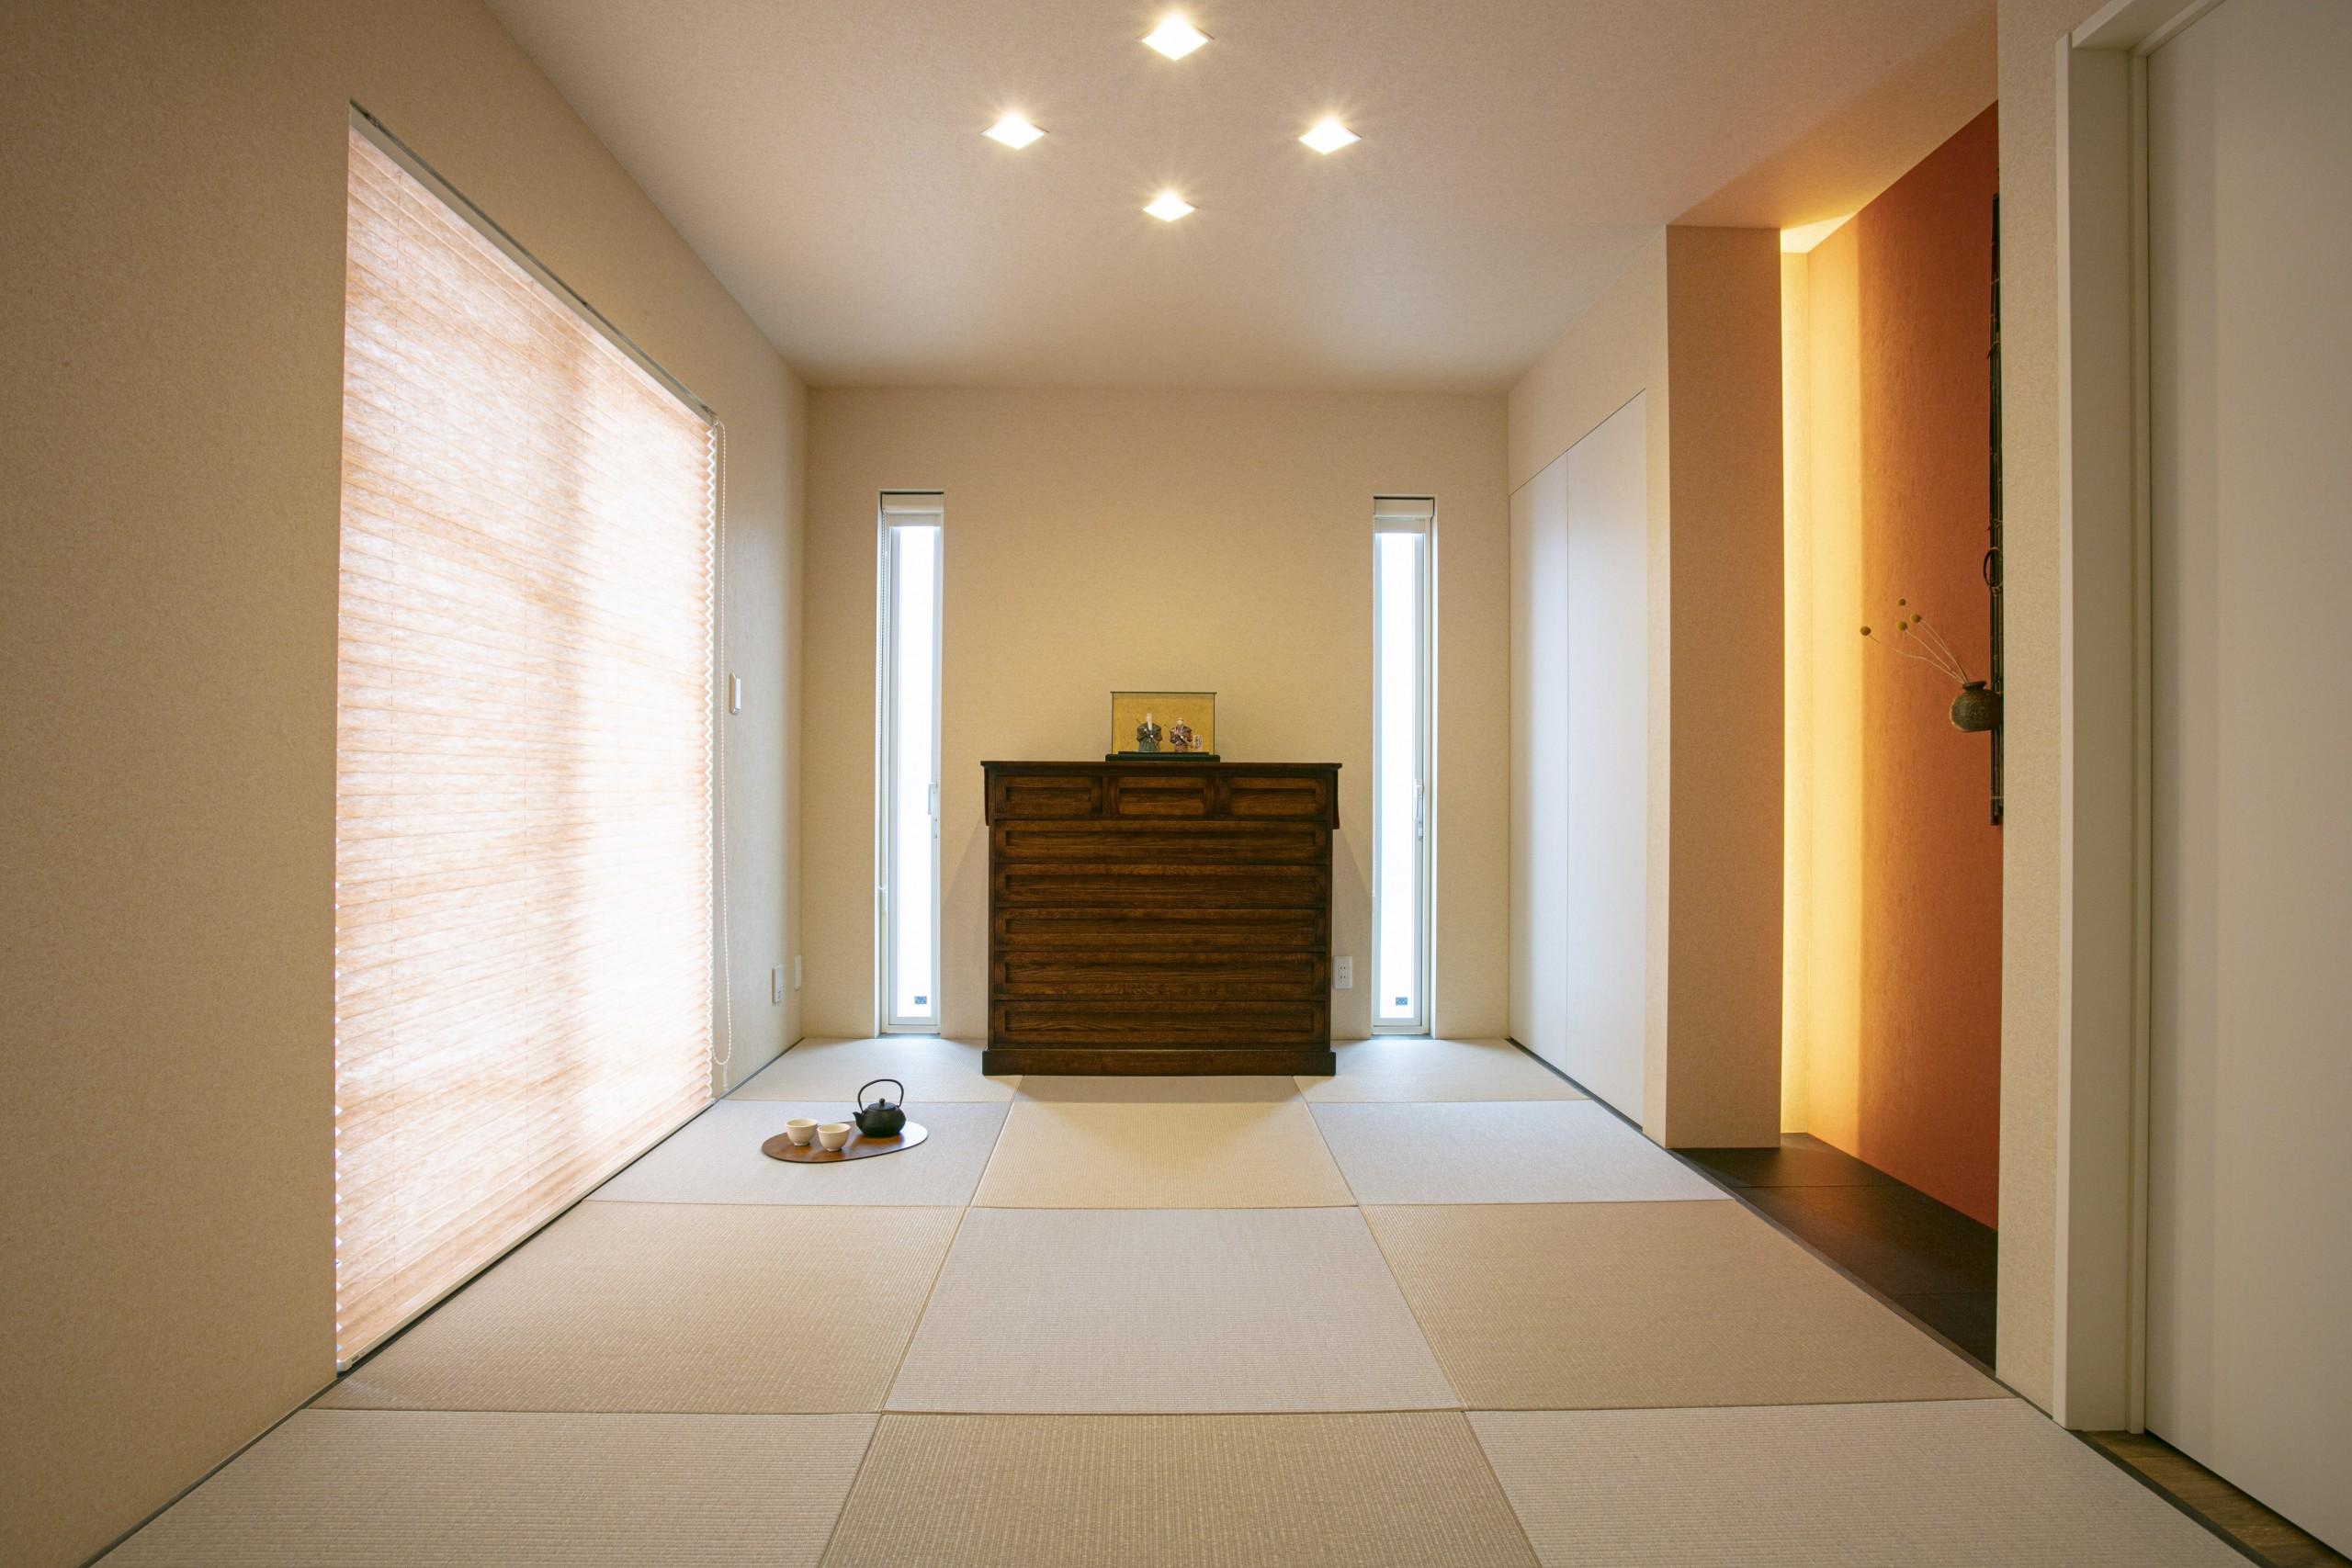 シンプルな空間に、施主様持参の重厚な家具のアクセント。